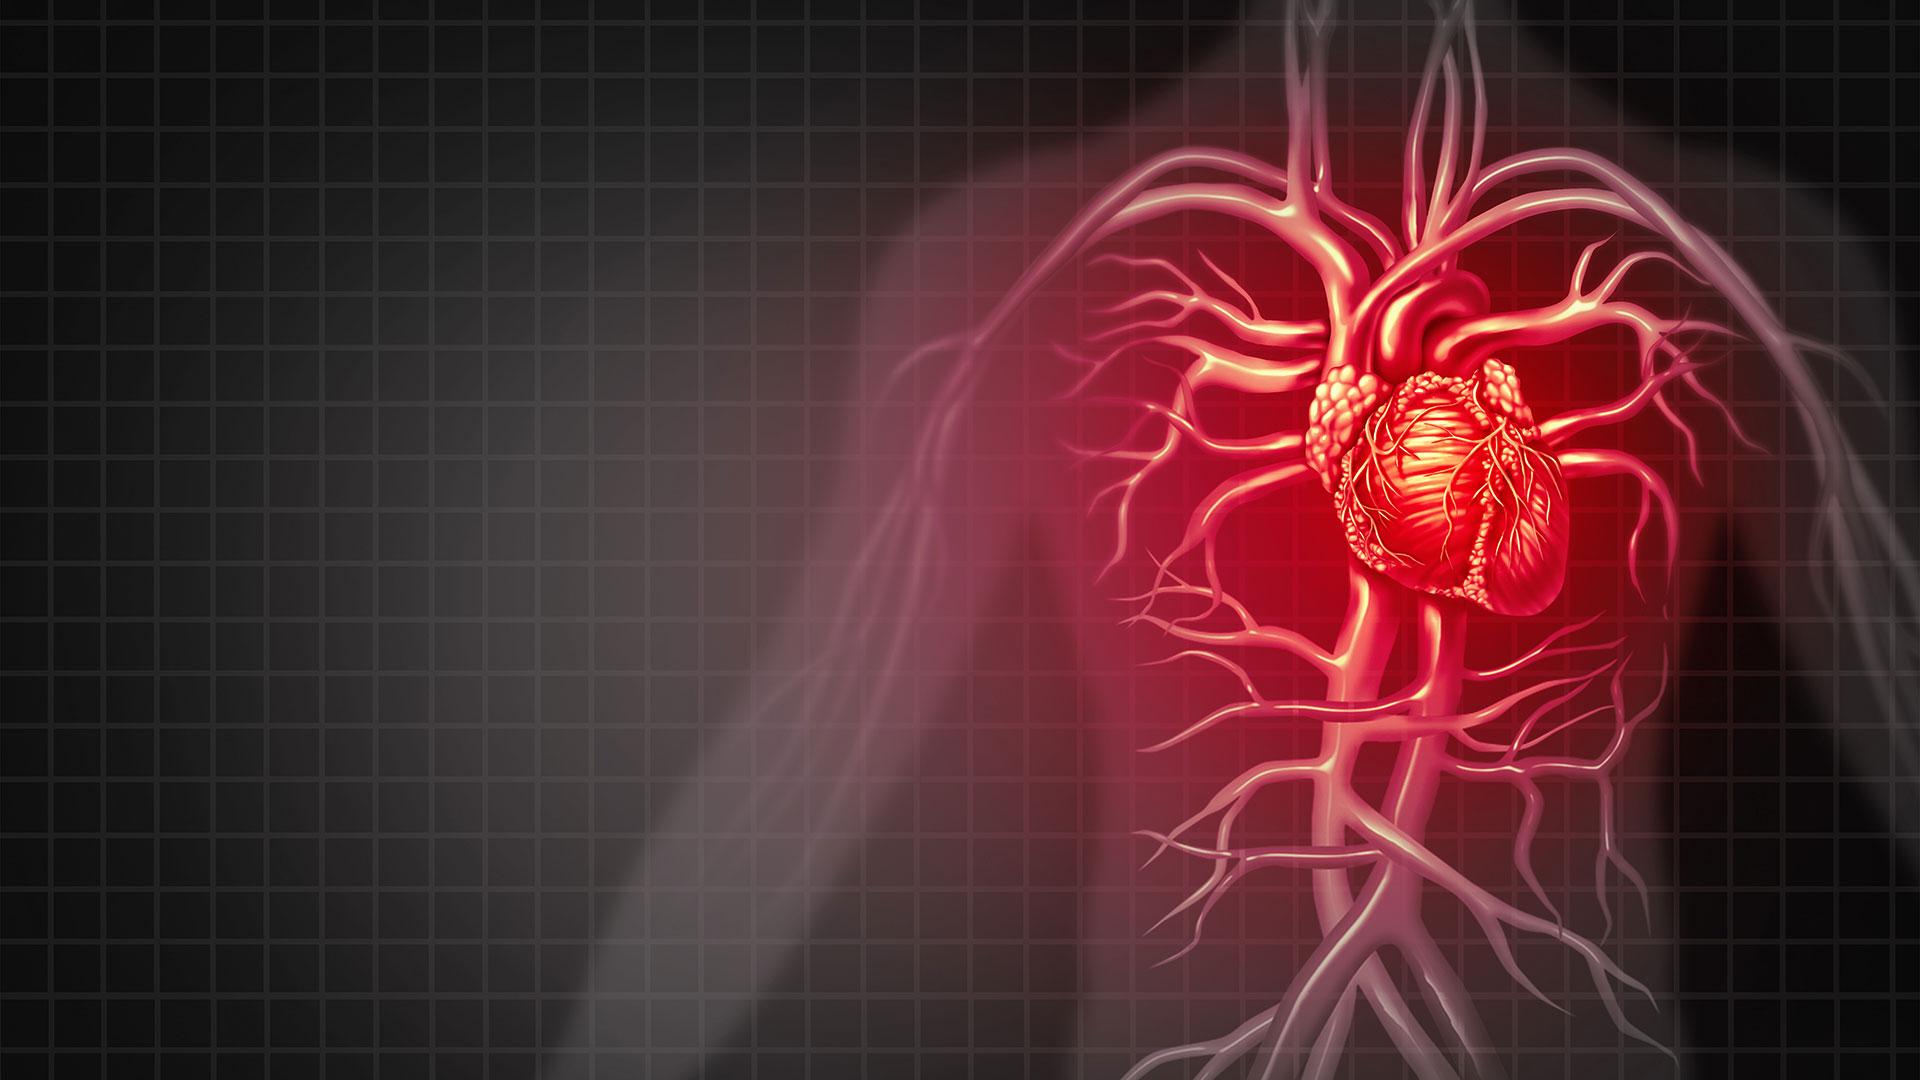 El spect cardíaco se utiliza para evaluar la irrigación sanguínea al corazón (Getty Images)